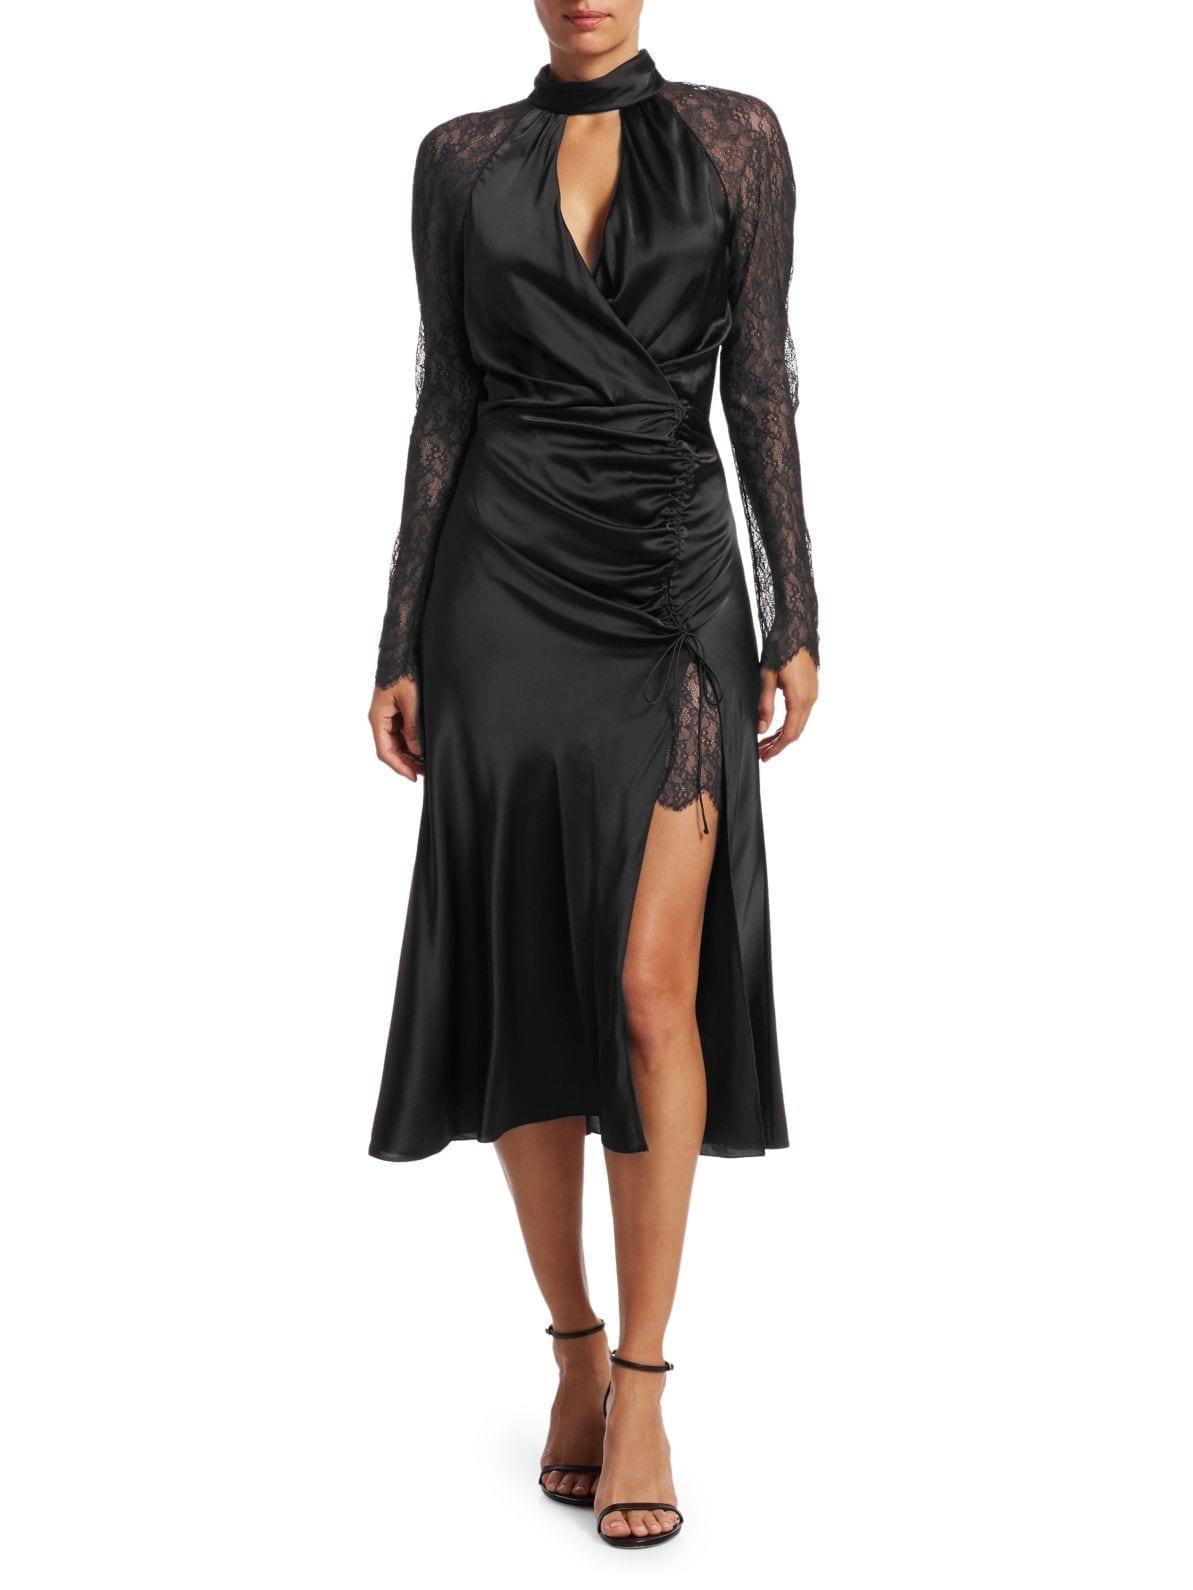 JONATHAN SIMKHAI Silk & Lace Keyhole Dress